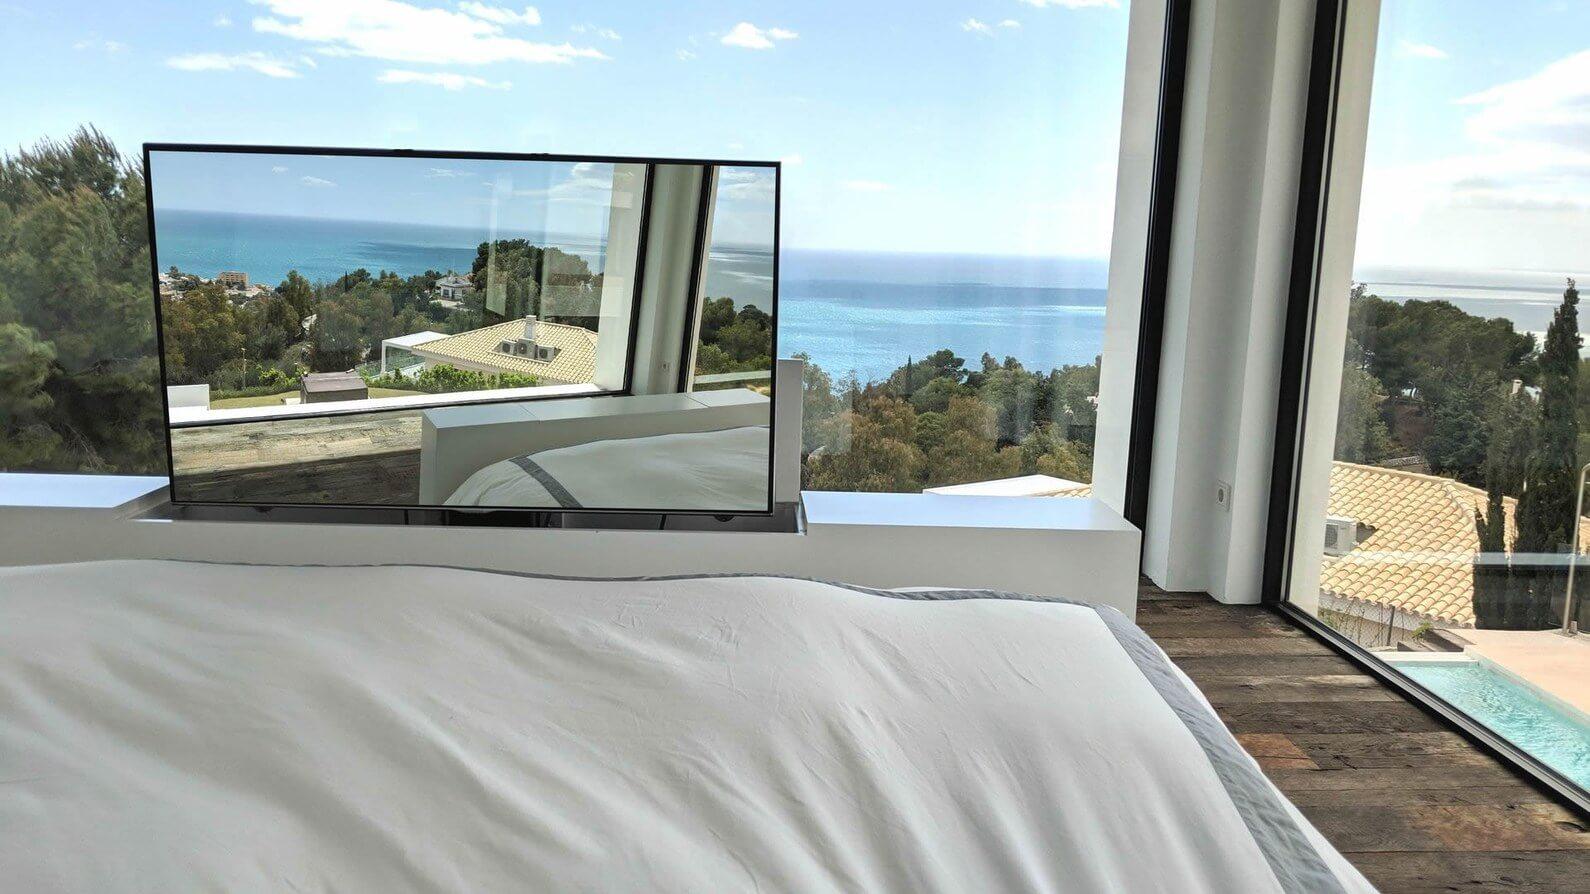 Mueble TV 200cm para dormitorio. Costa del Sol. 1.900€ Aprox